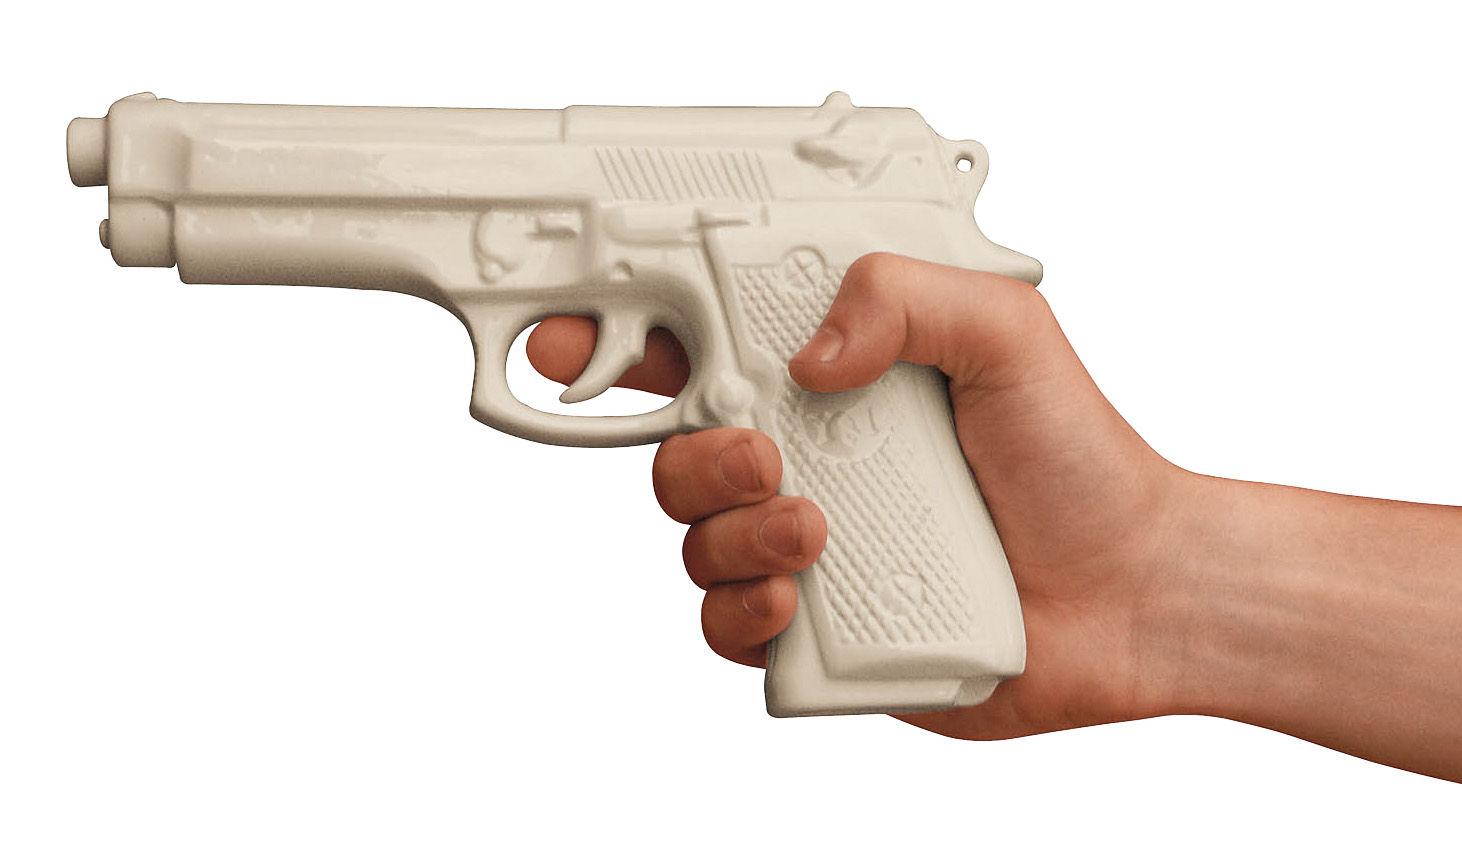 D coration memorabilia my gun pistolet en porcelaine for Pistolet decoration